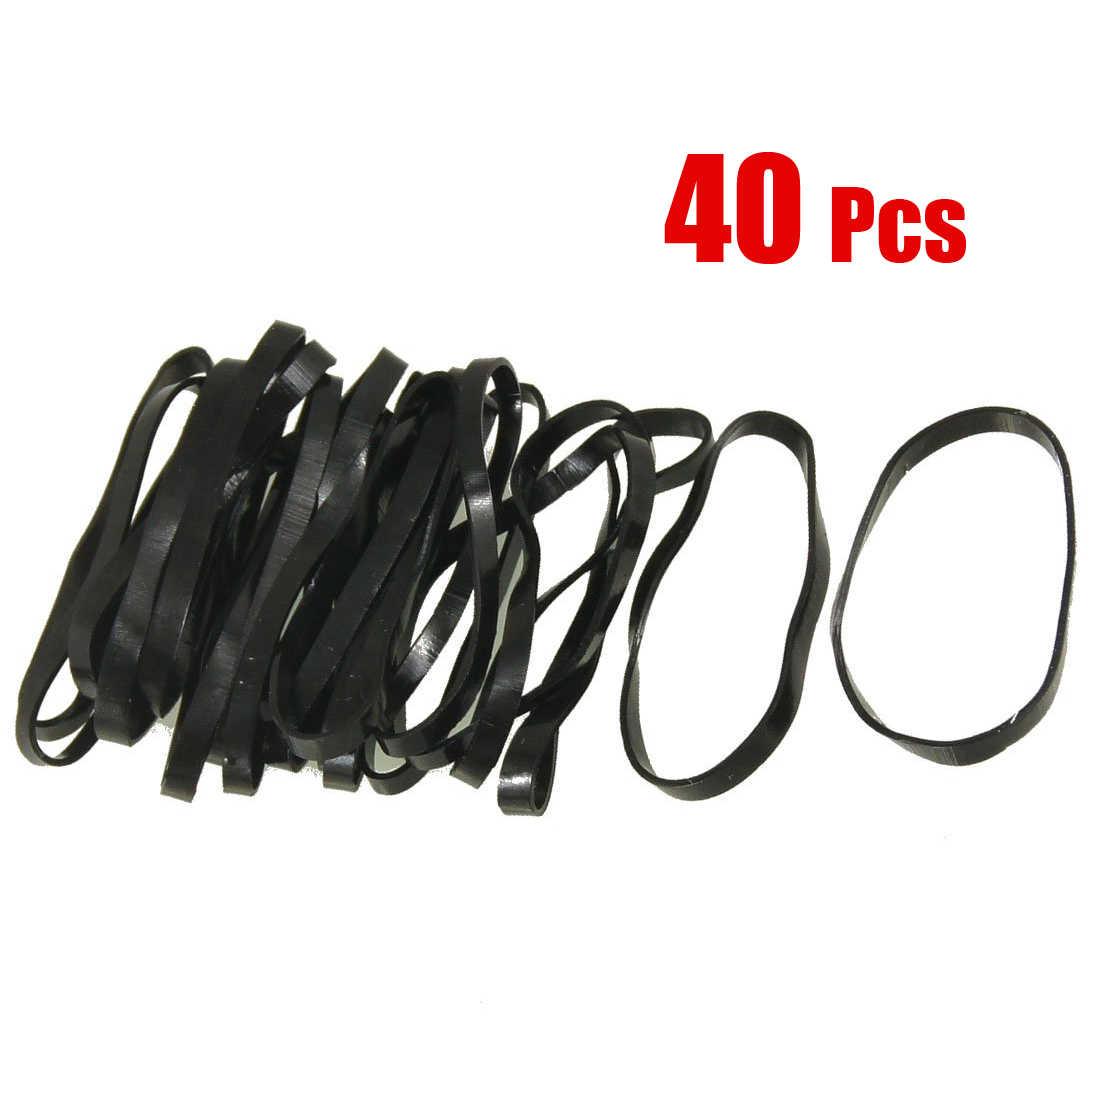 SAF-新しい 40 個実用黒弾性ゴムバンドヘアホルダー